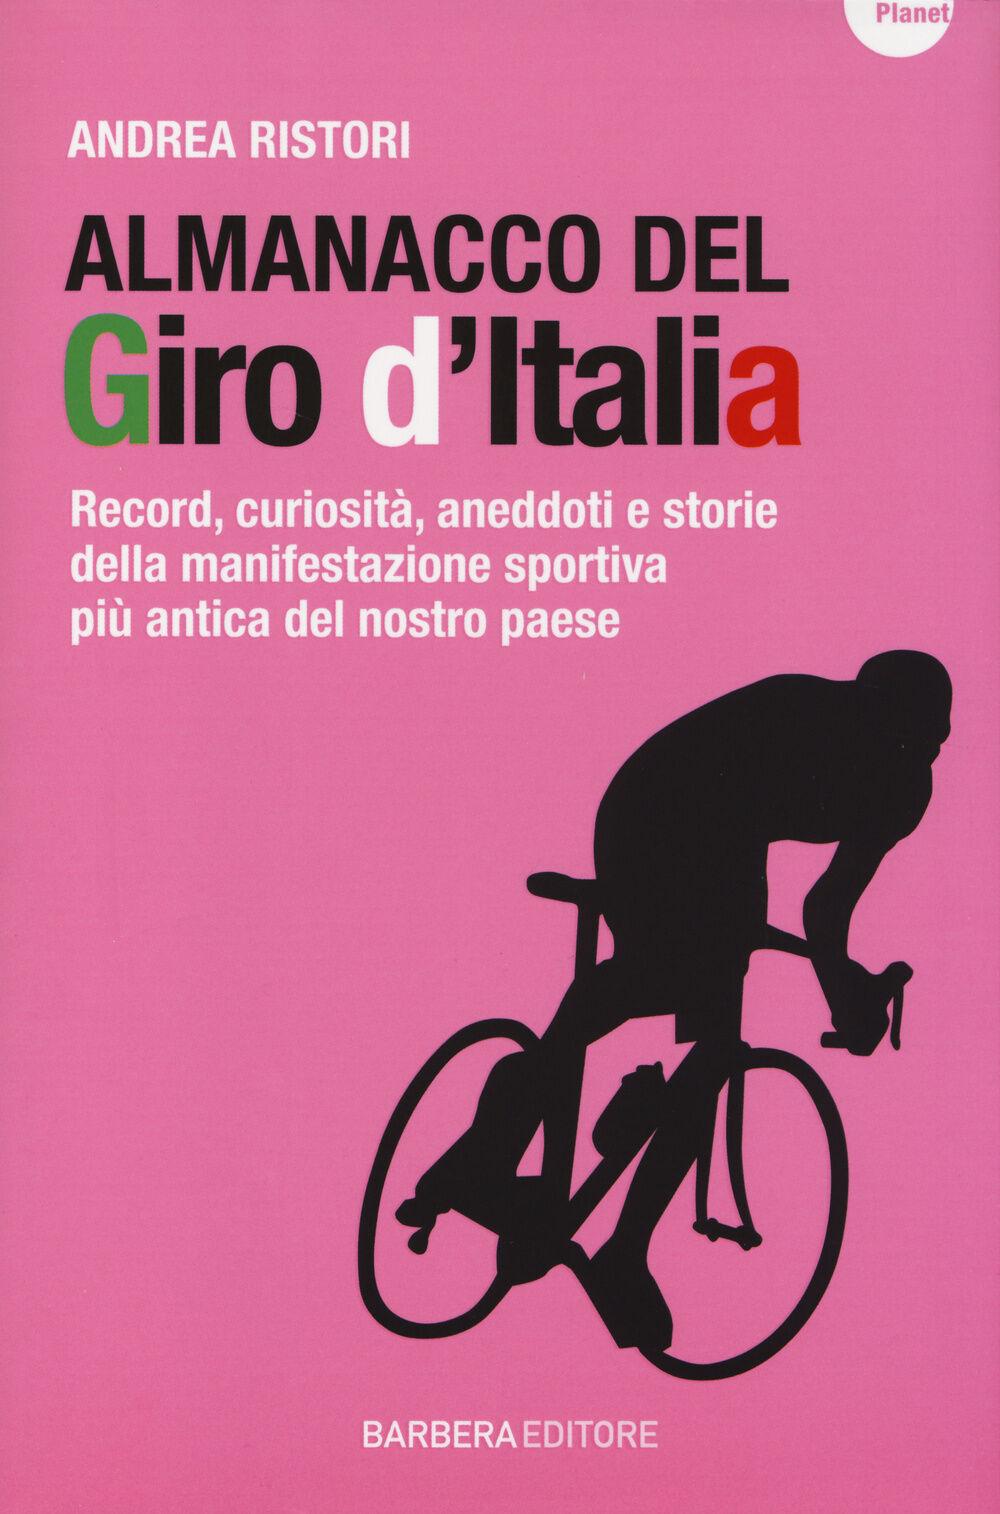 Almanacco del Giro d'Italia. Record, curiosità, aneddoti e storie della manifestazione sportiva più antica del nostro paese